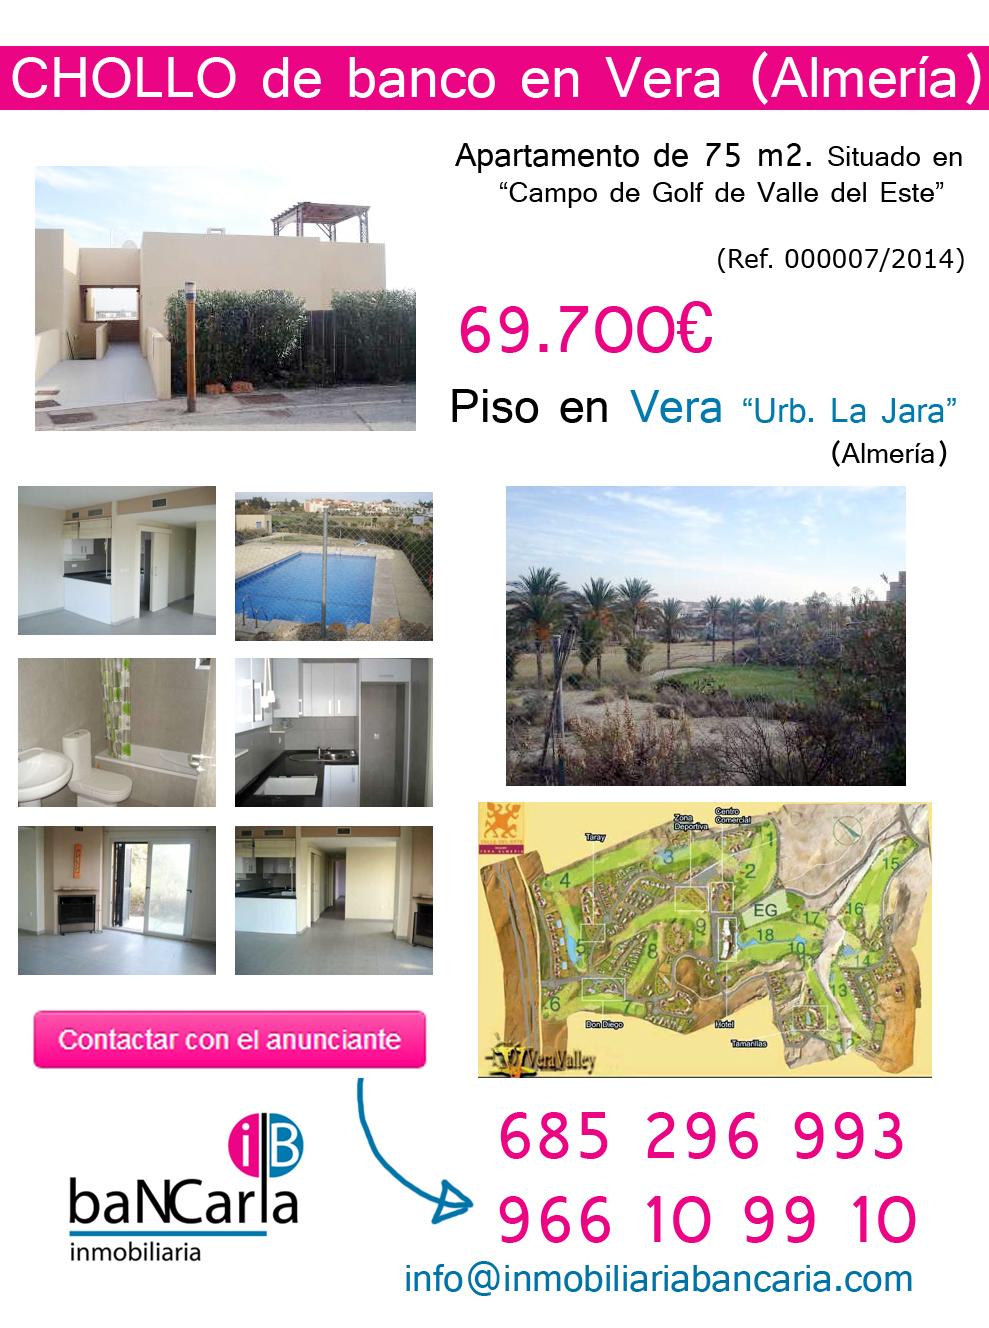 Piso-en-venta-de-banco-en-Vera-Almería-Inmobiliar